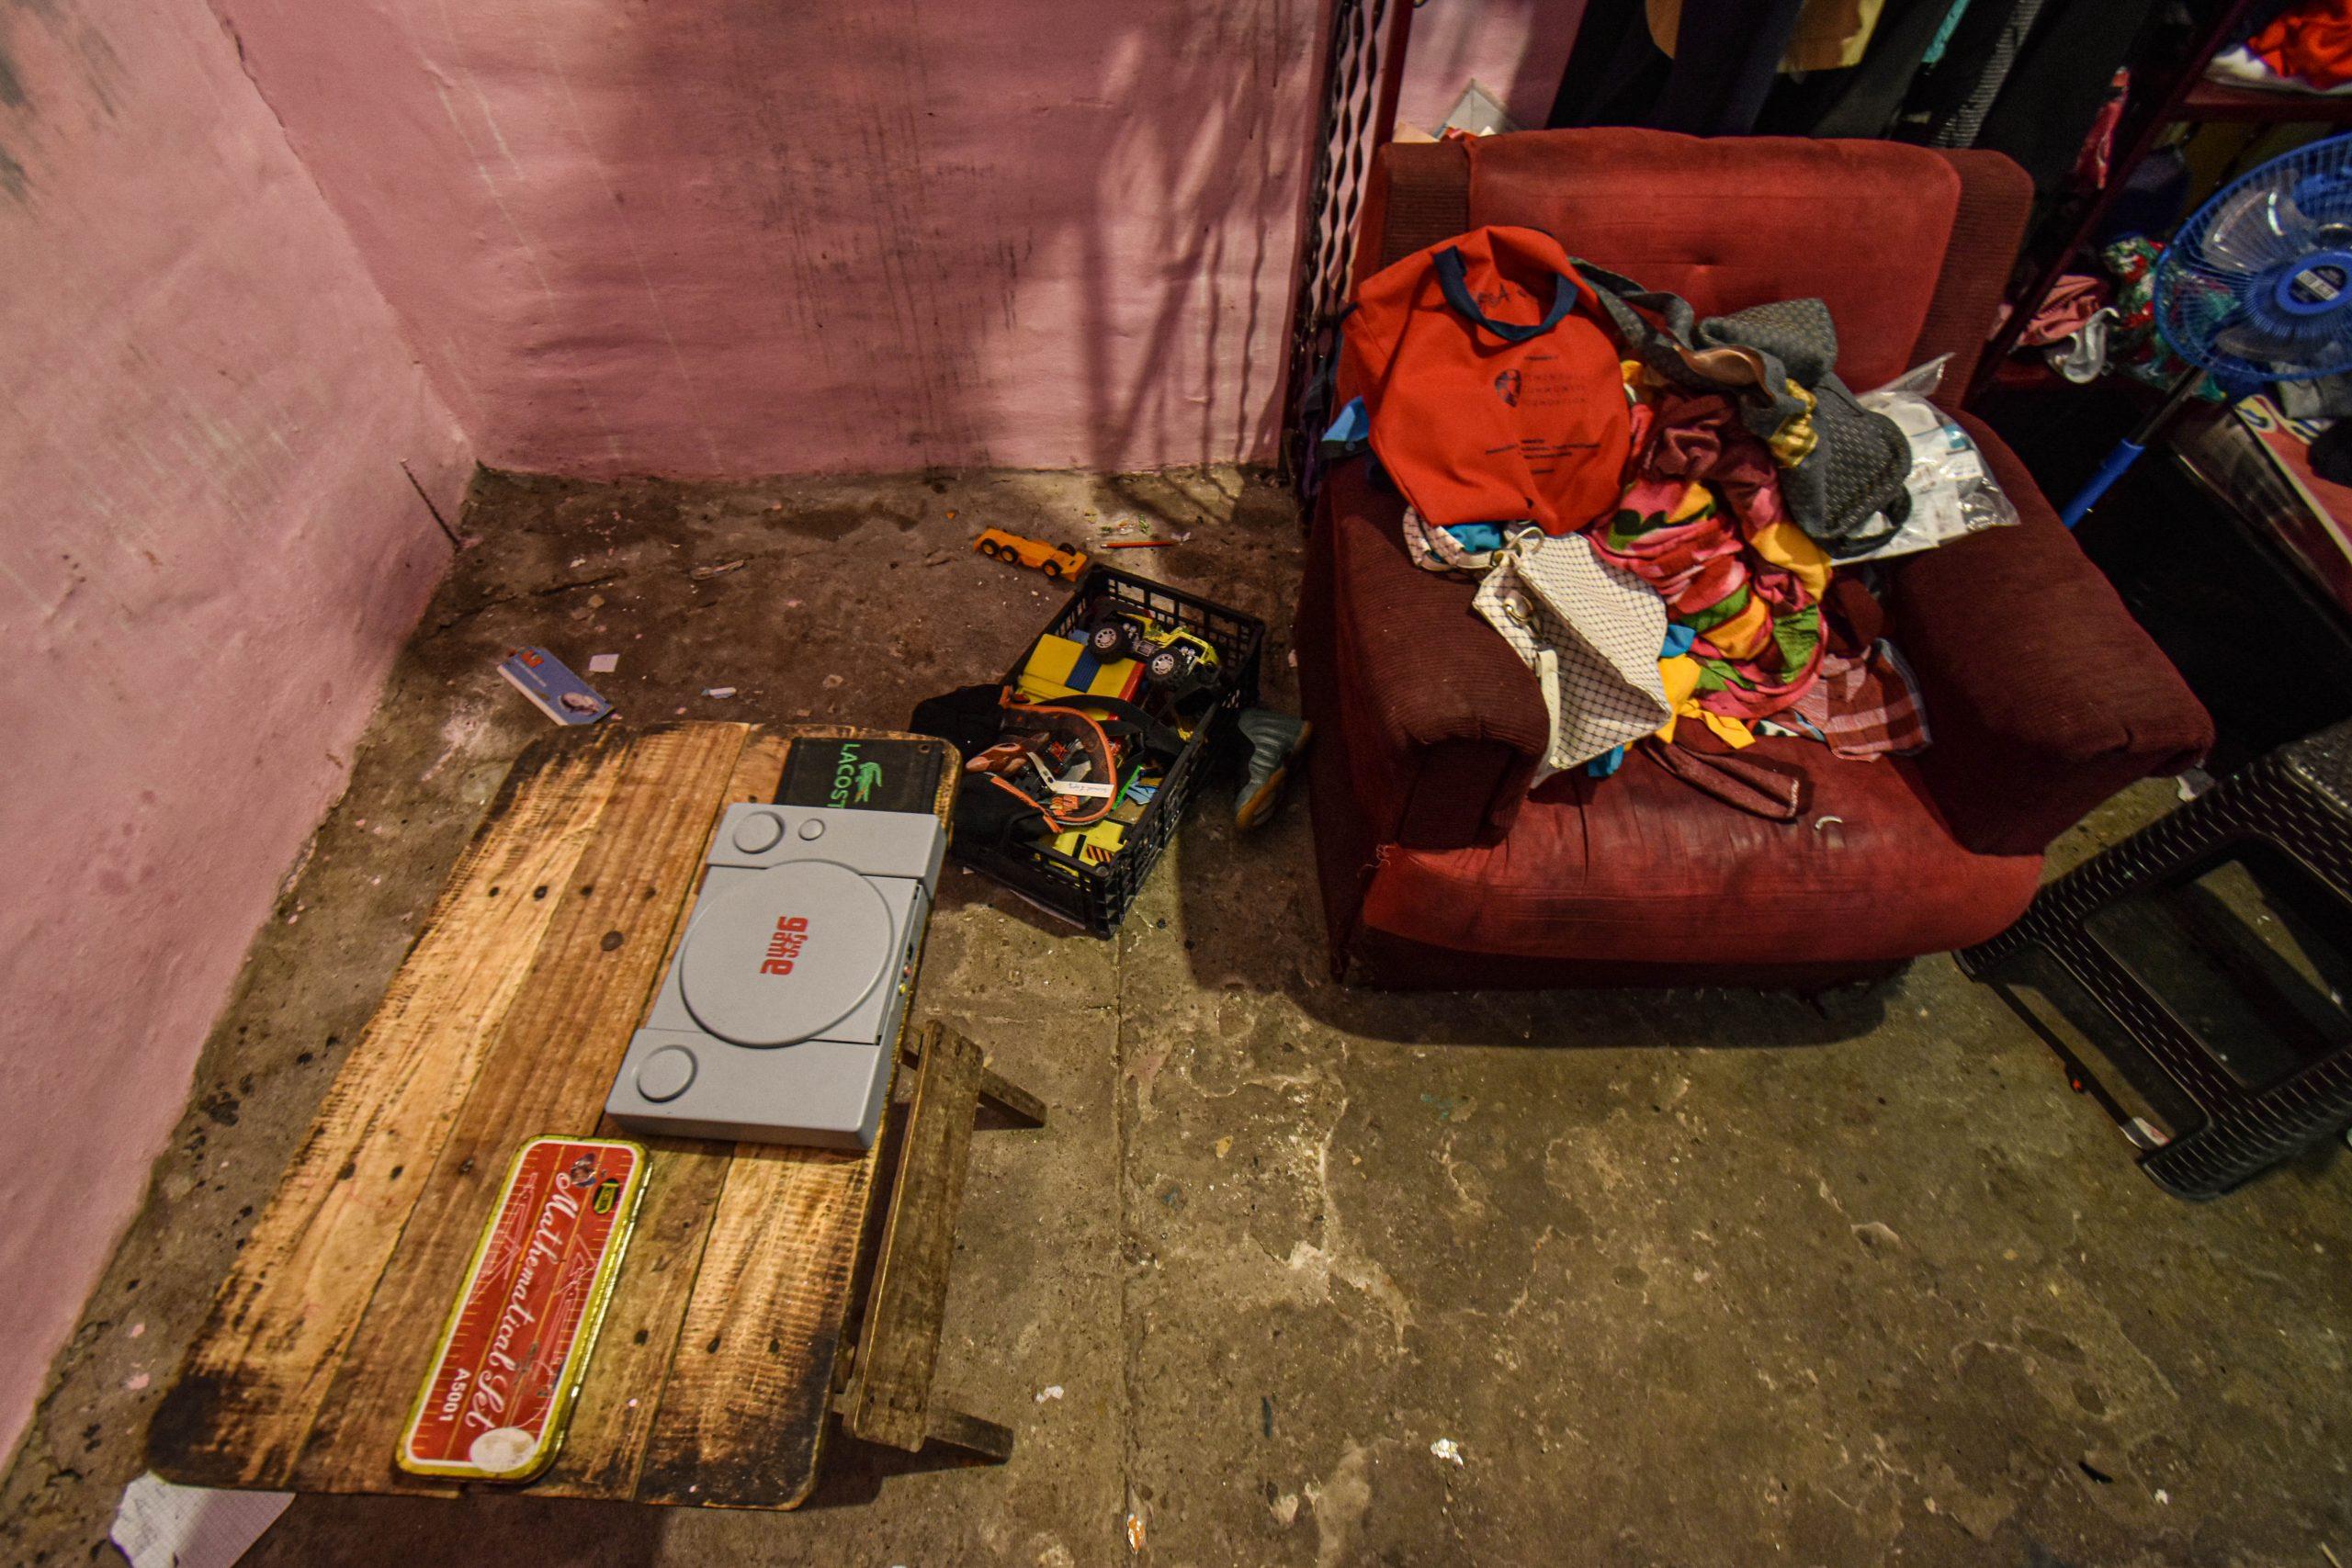 El crimen se cometió en su habitación, a unos metros de donde dormían su hija y su hijo. Foto/Emerson Flores